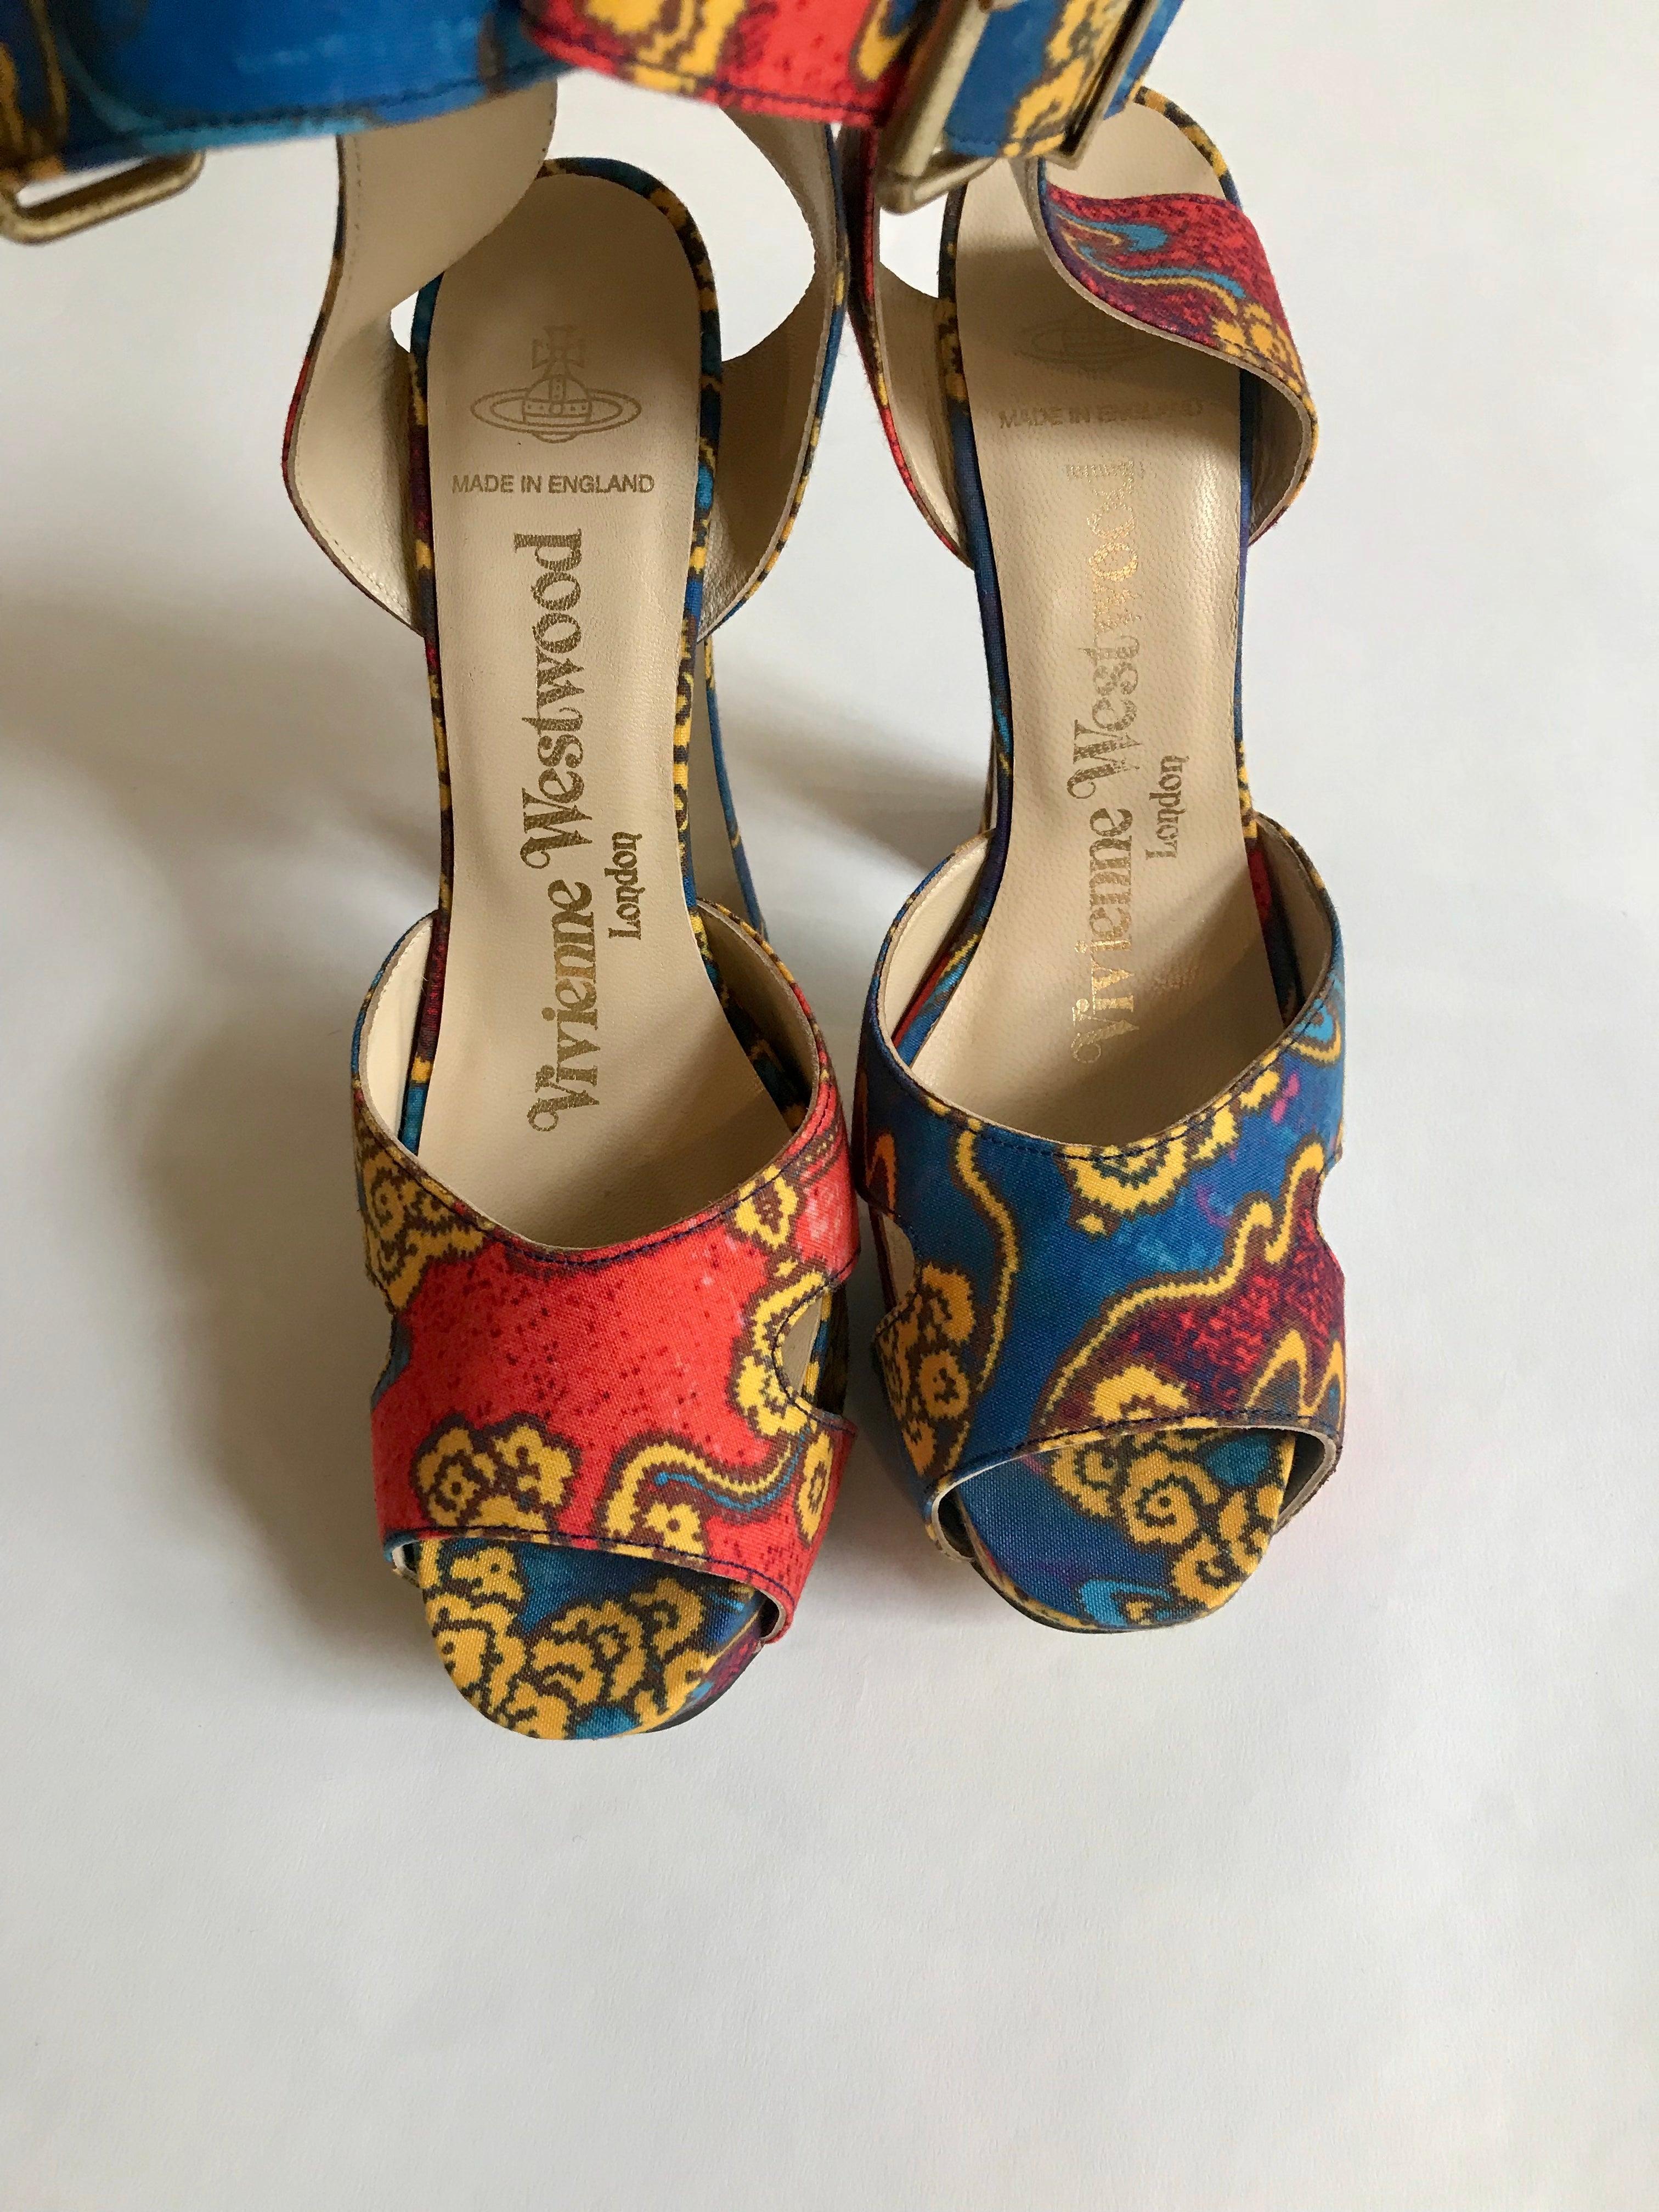 63f405265b6 Vivienne Westwood Tea Garden Print Blue Gold and Red Platform Sandals For  Sale at 1stdibs